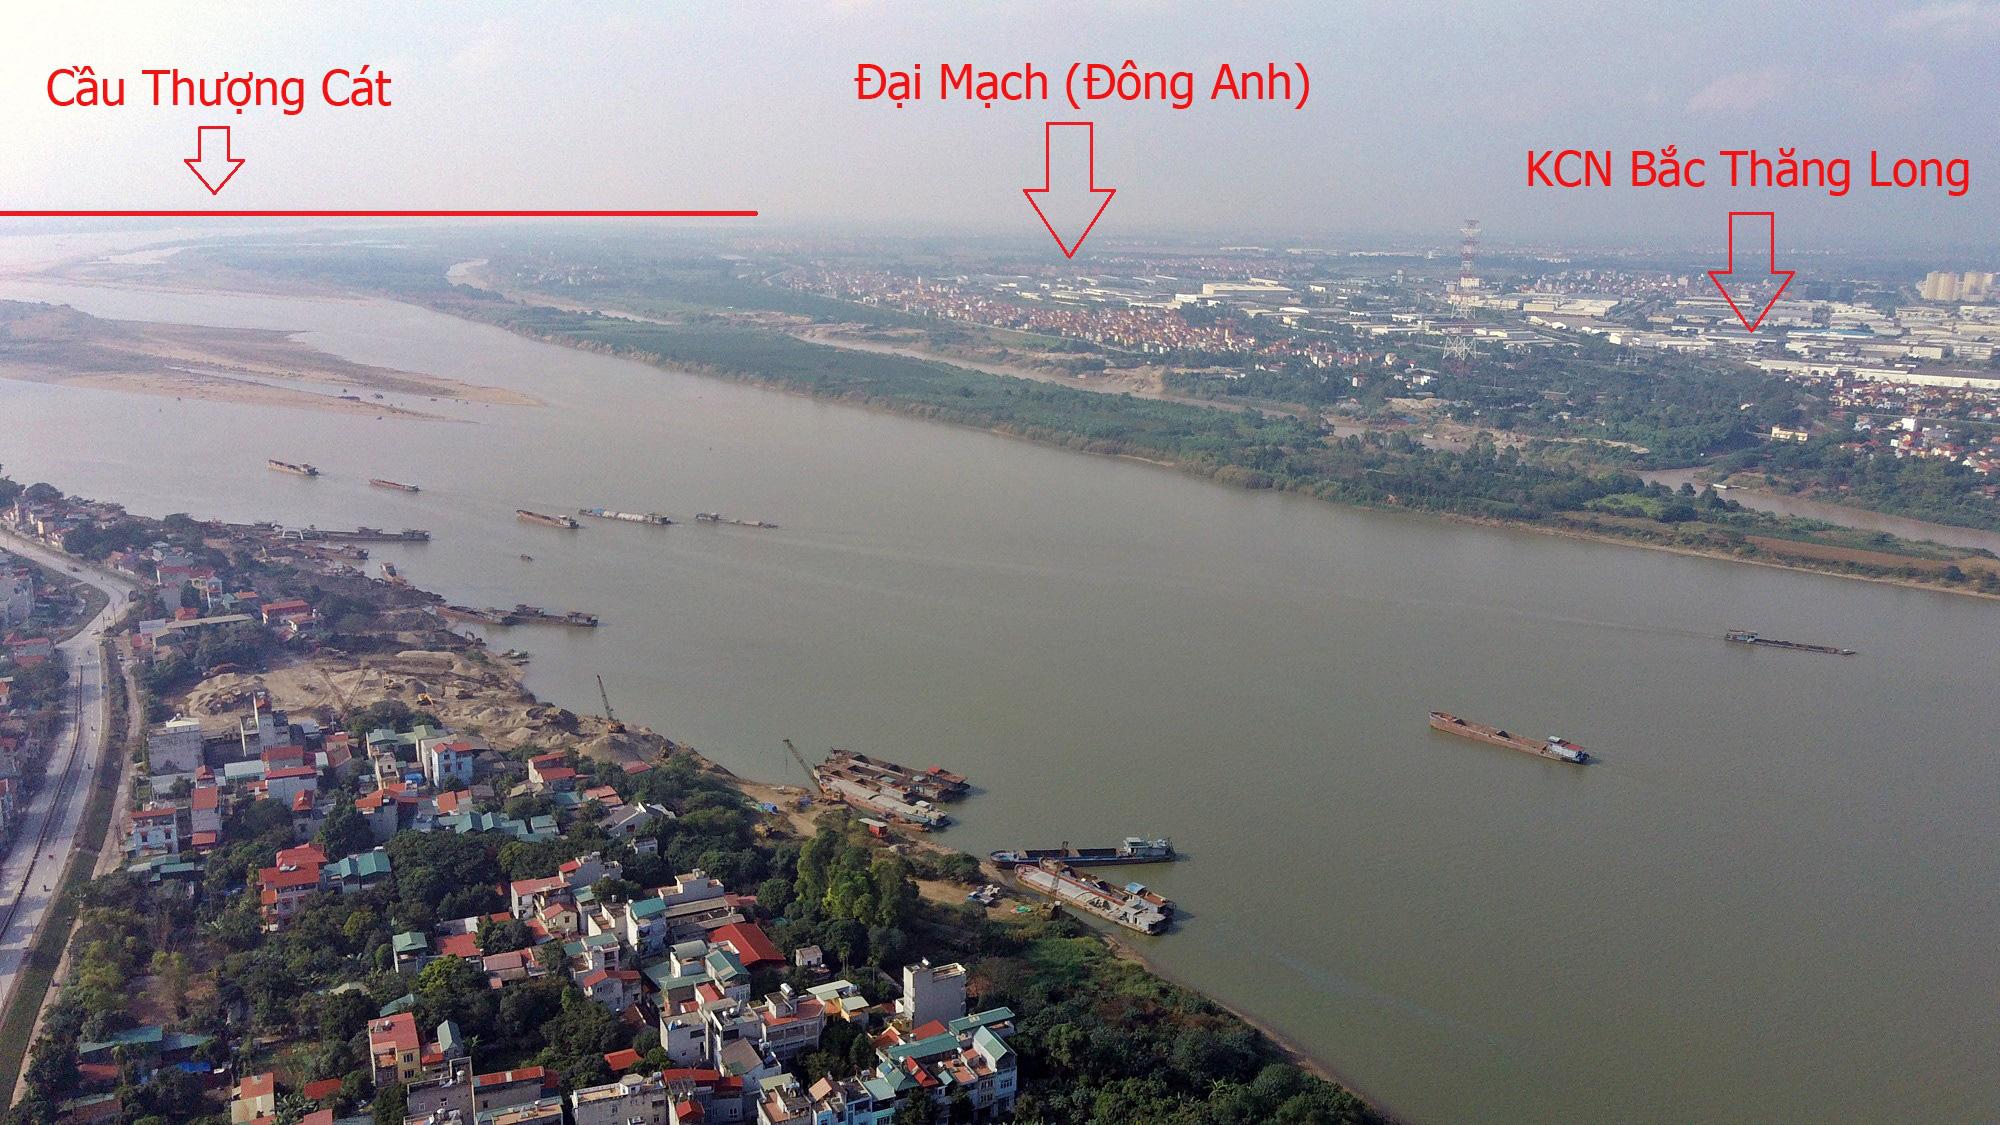 Cầu sẽ mở theo qui hoạch ở Hà Nội: Toàn cảnh cầu Thượng Cát nối Bắc Từ Liêm với Đông Anh - Ảnh 16.